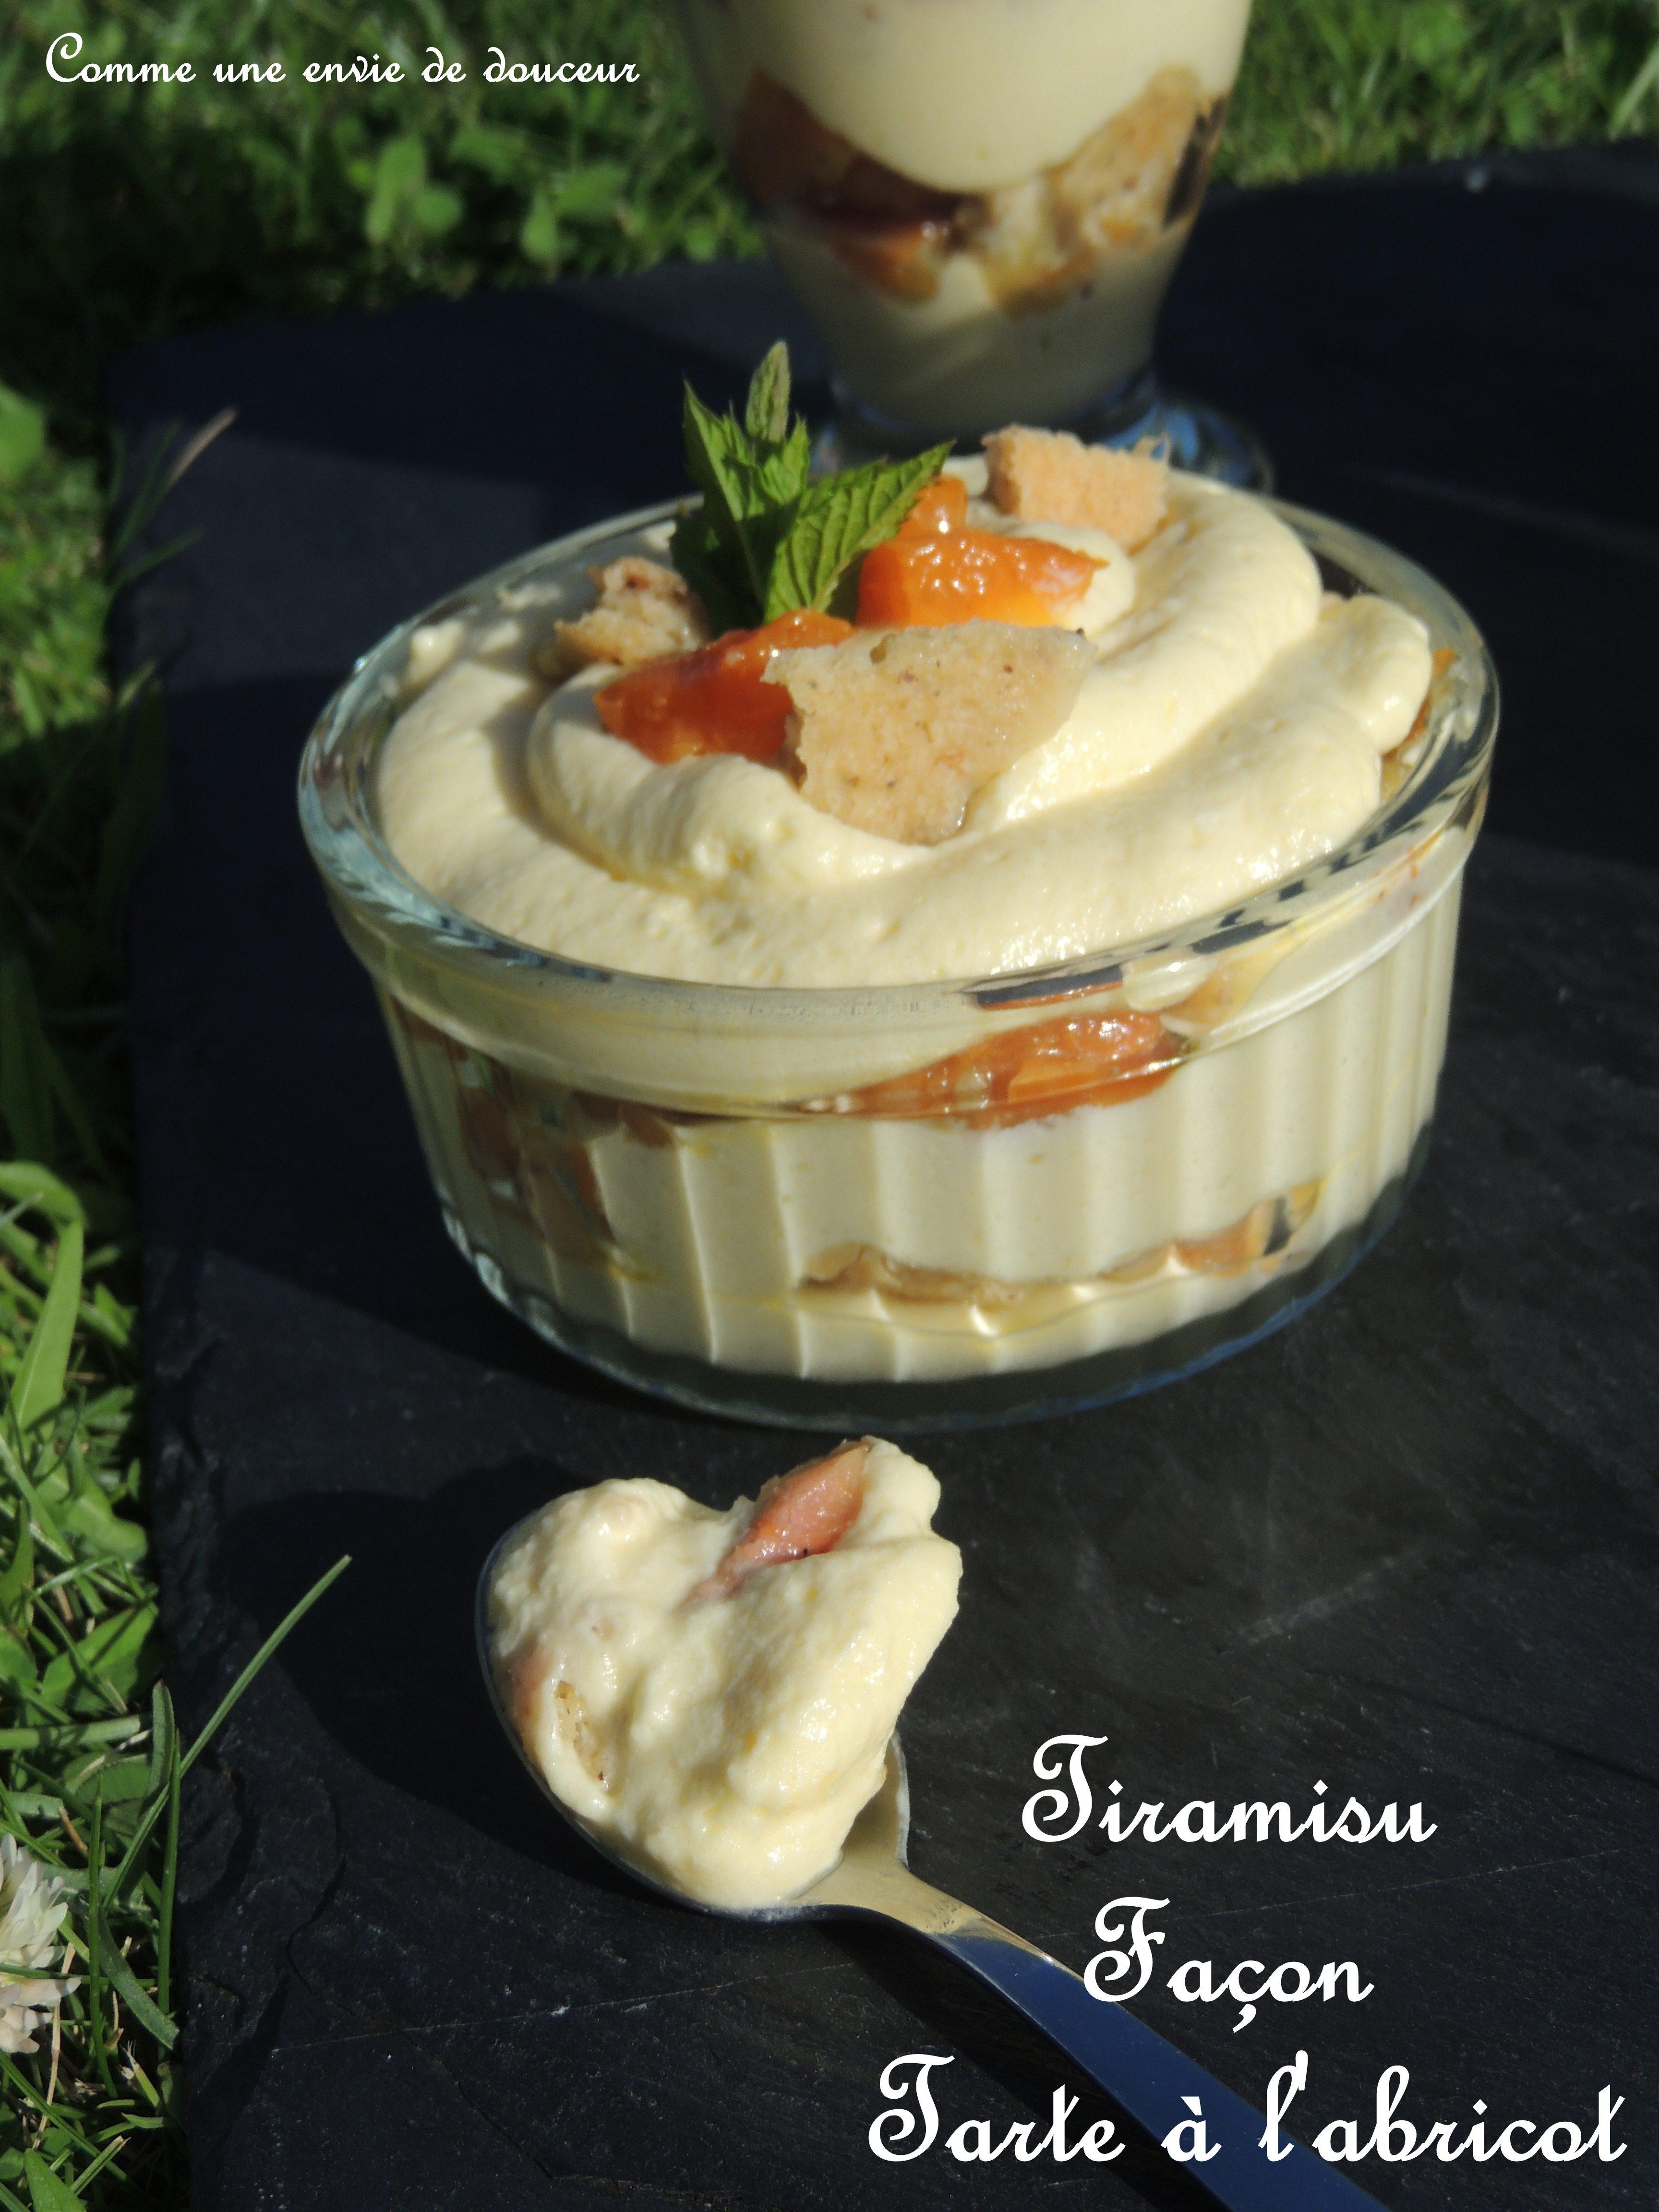 Tiramisu  Façon tarte à l'abricot